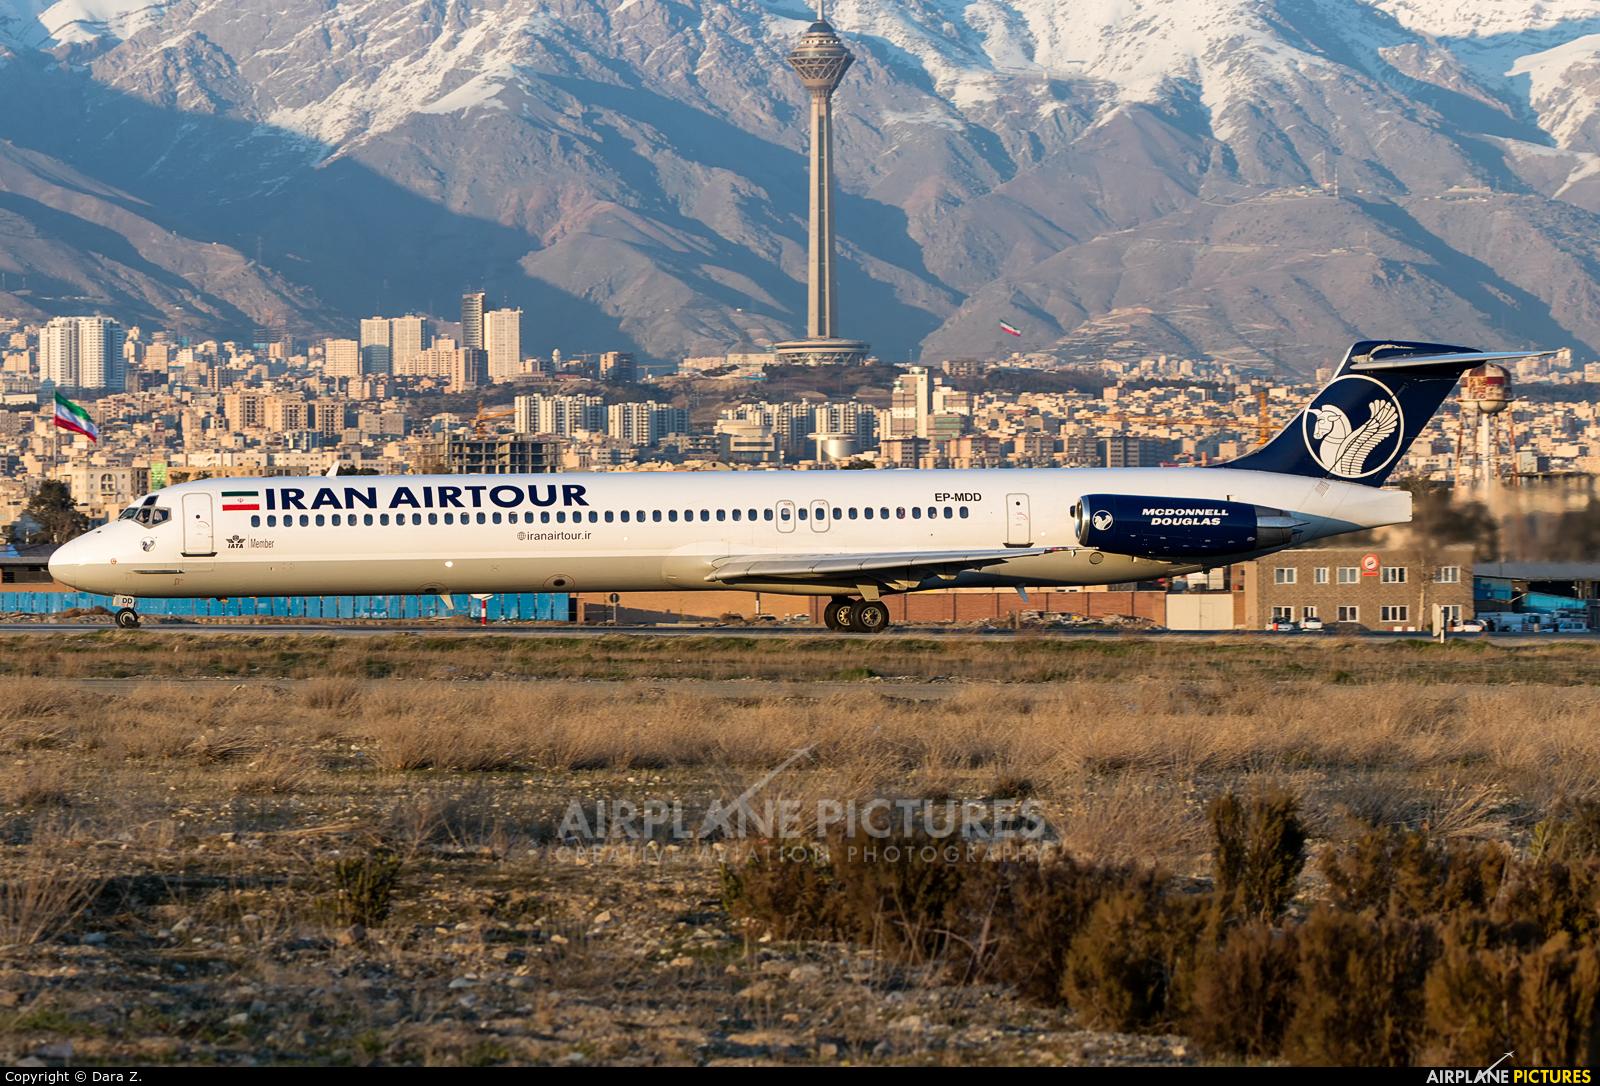 Iran Air Tours EP-MDD aircraft at Tehran - Mehrabad Intl